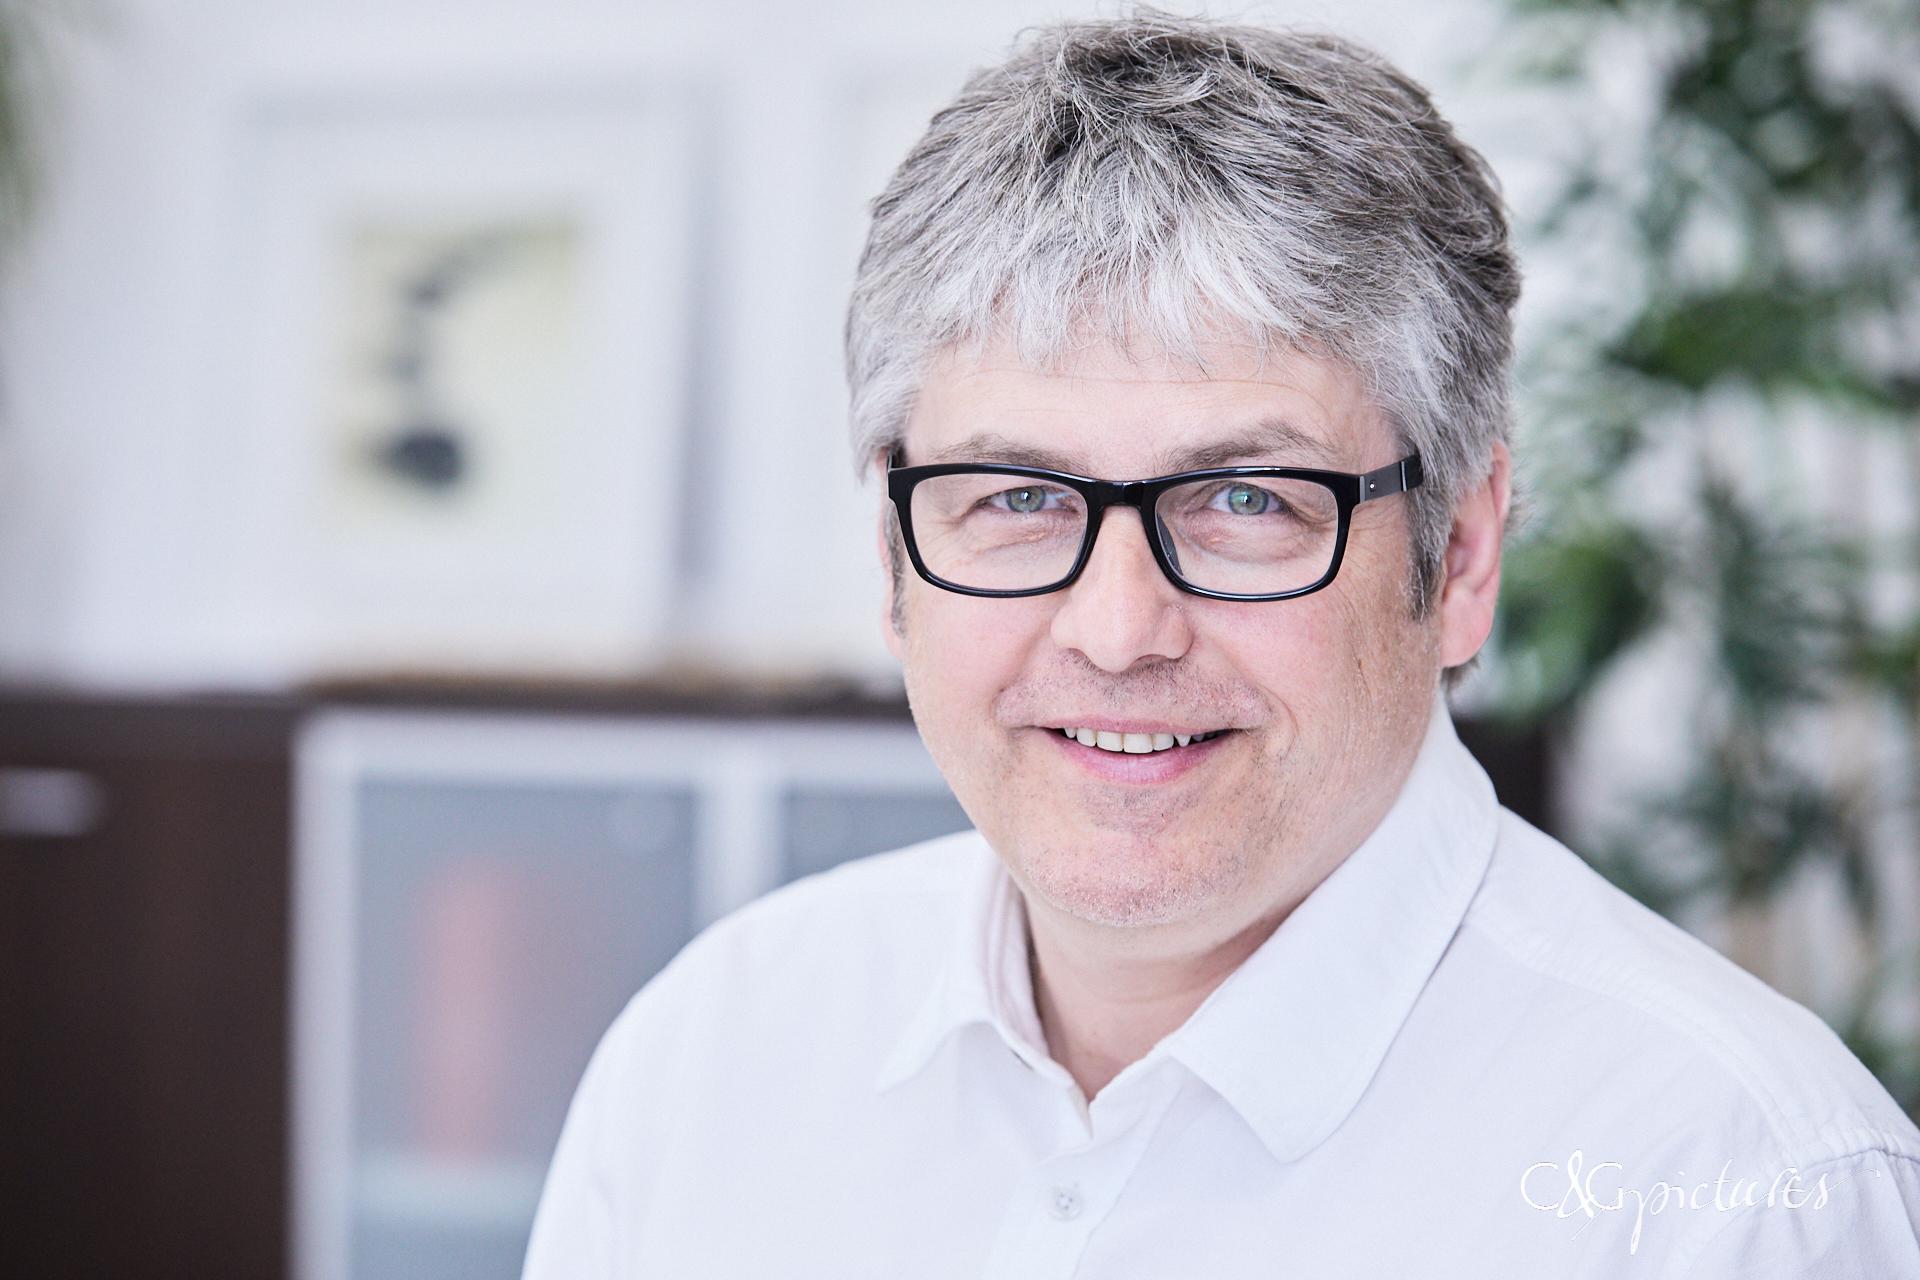 Dr. Robert Url